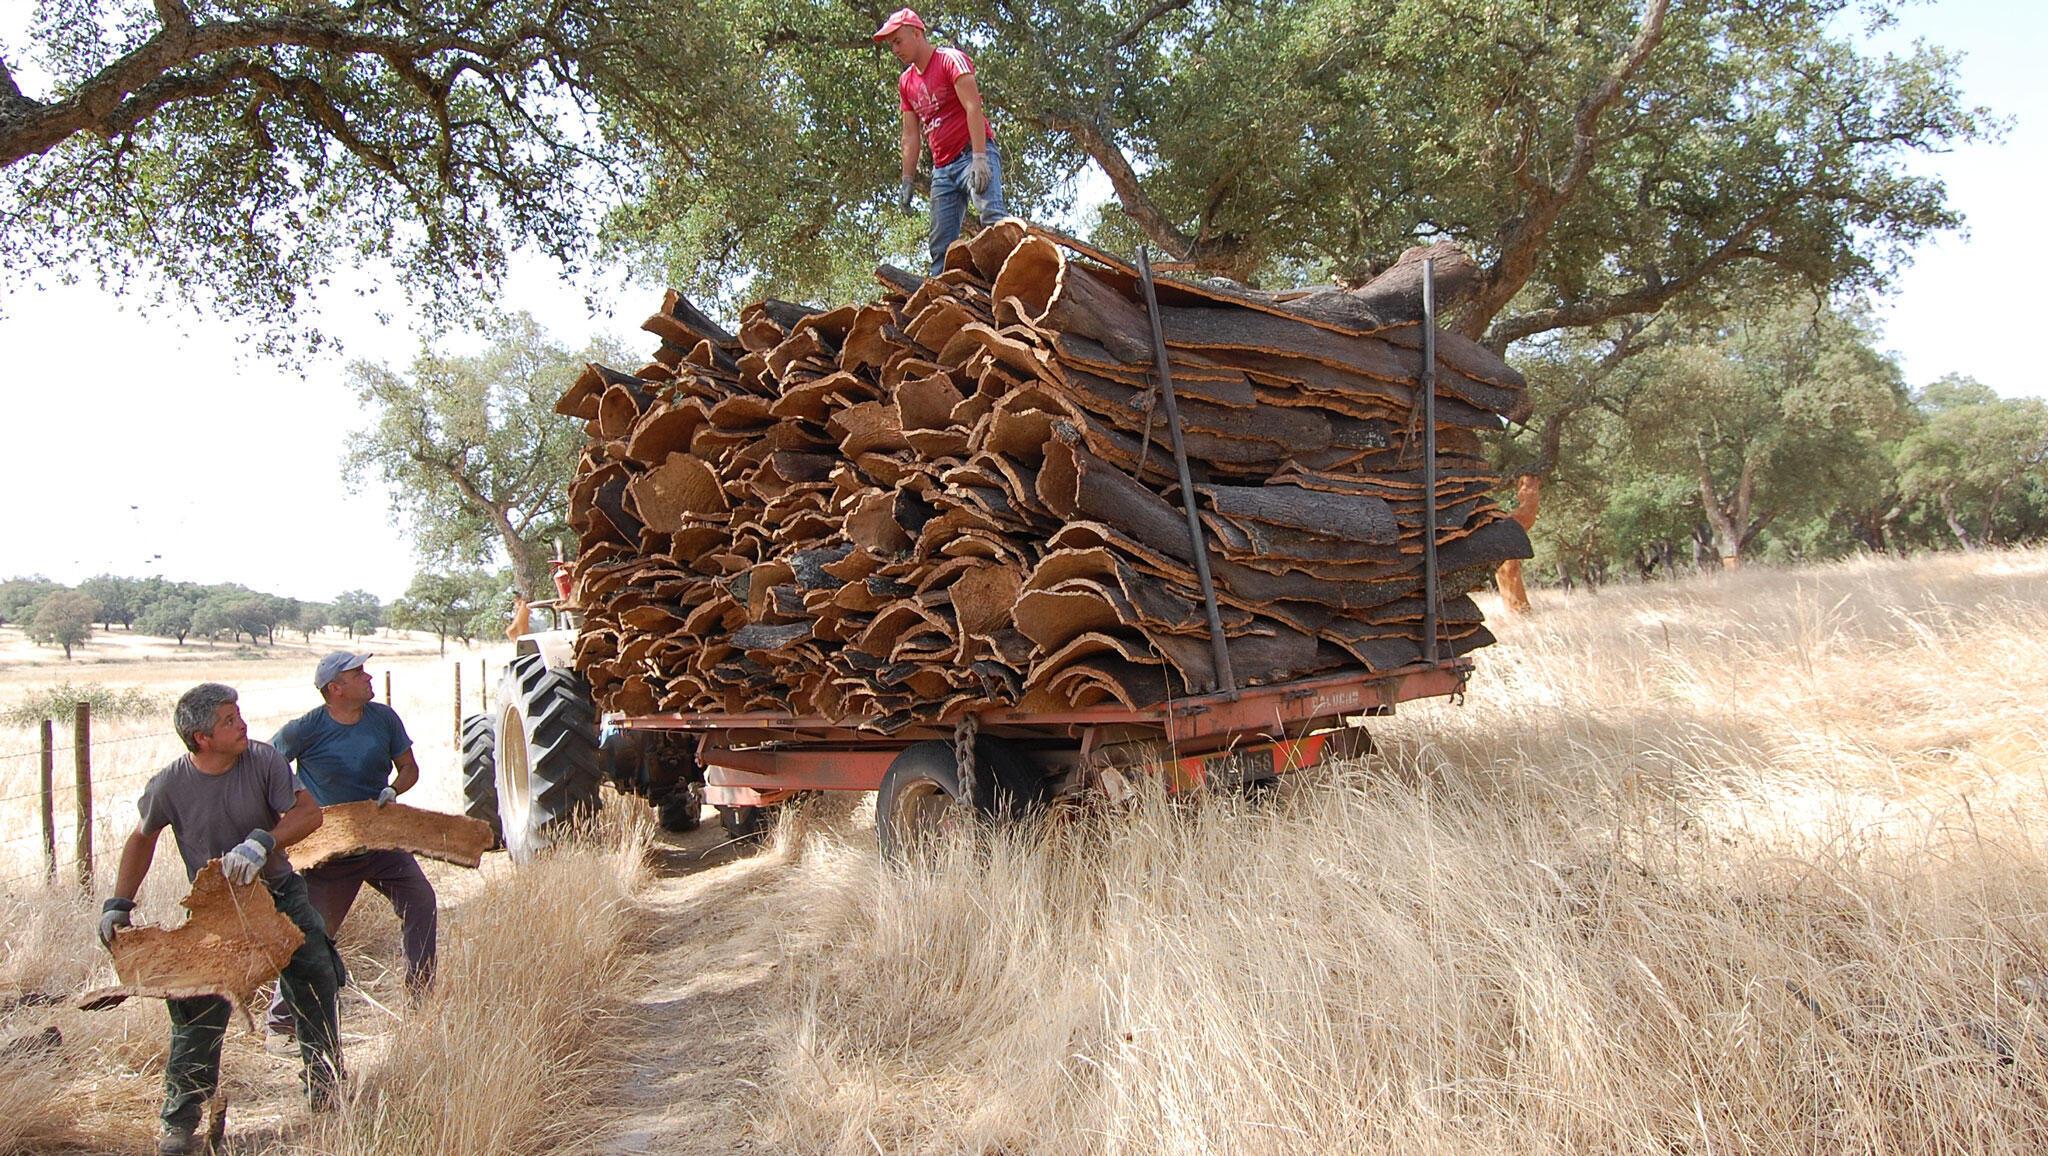 Les faiseurs de tas de liège et leur tracteur.